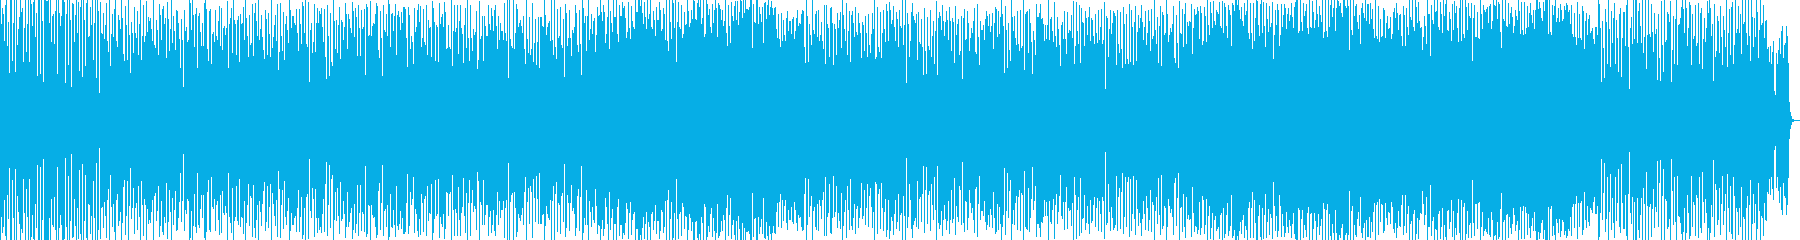 ハウス寄りポップスの再生済みの波形